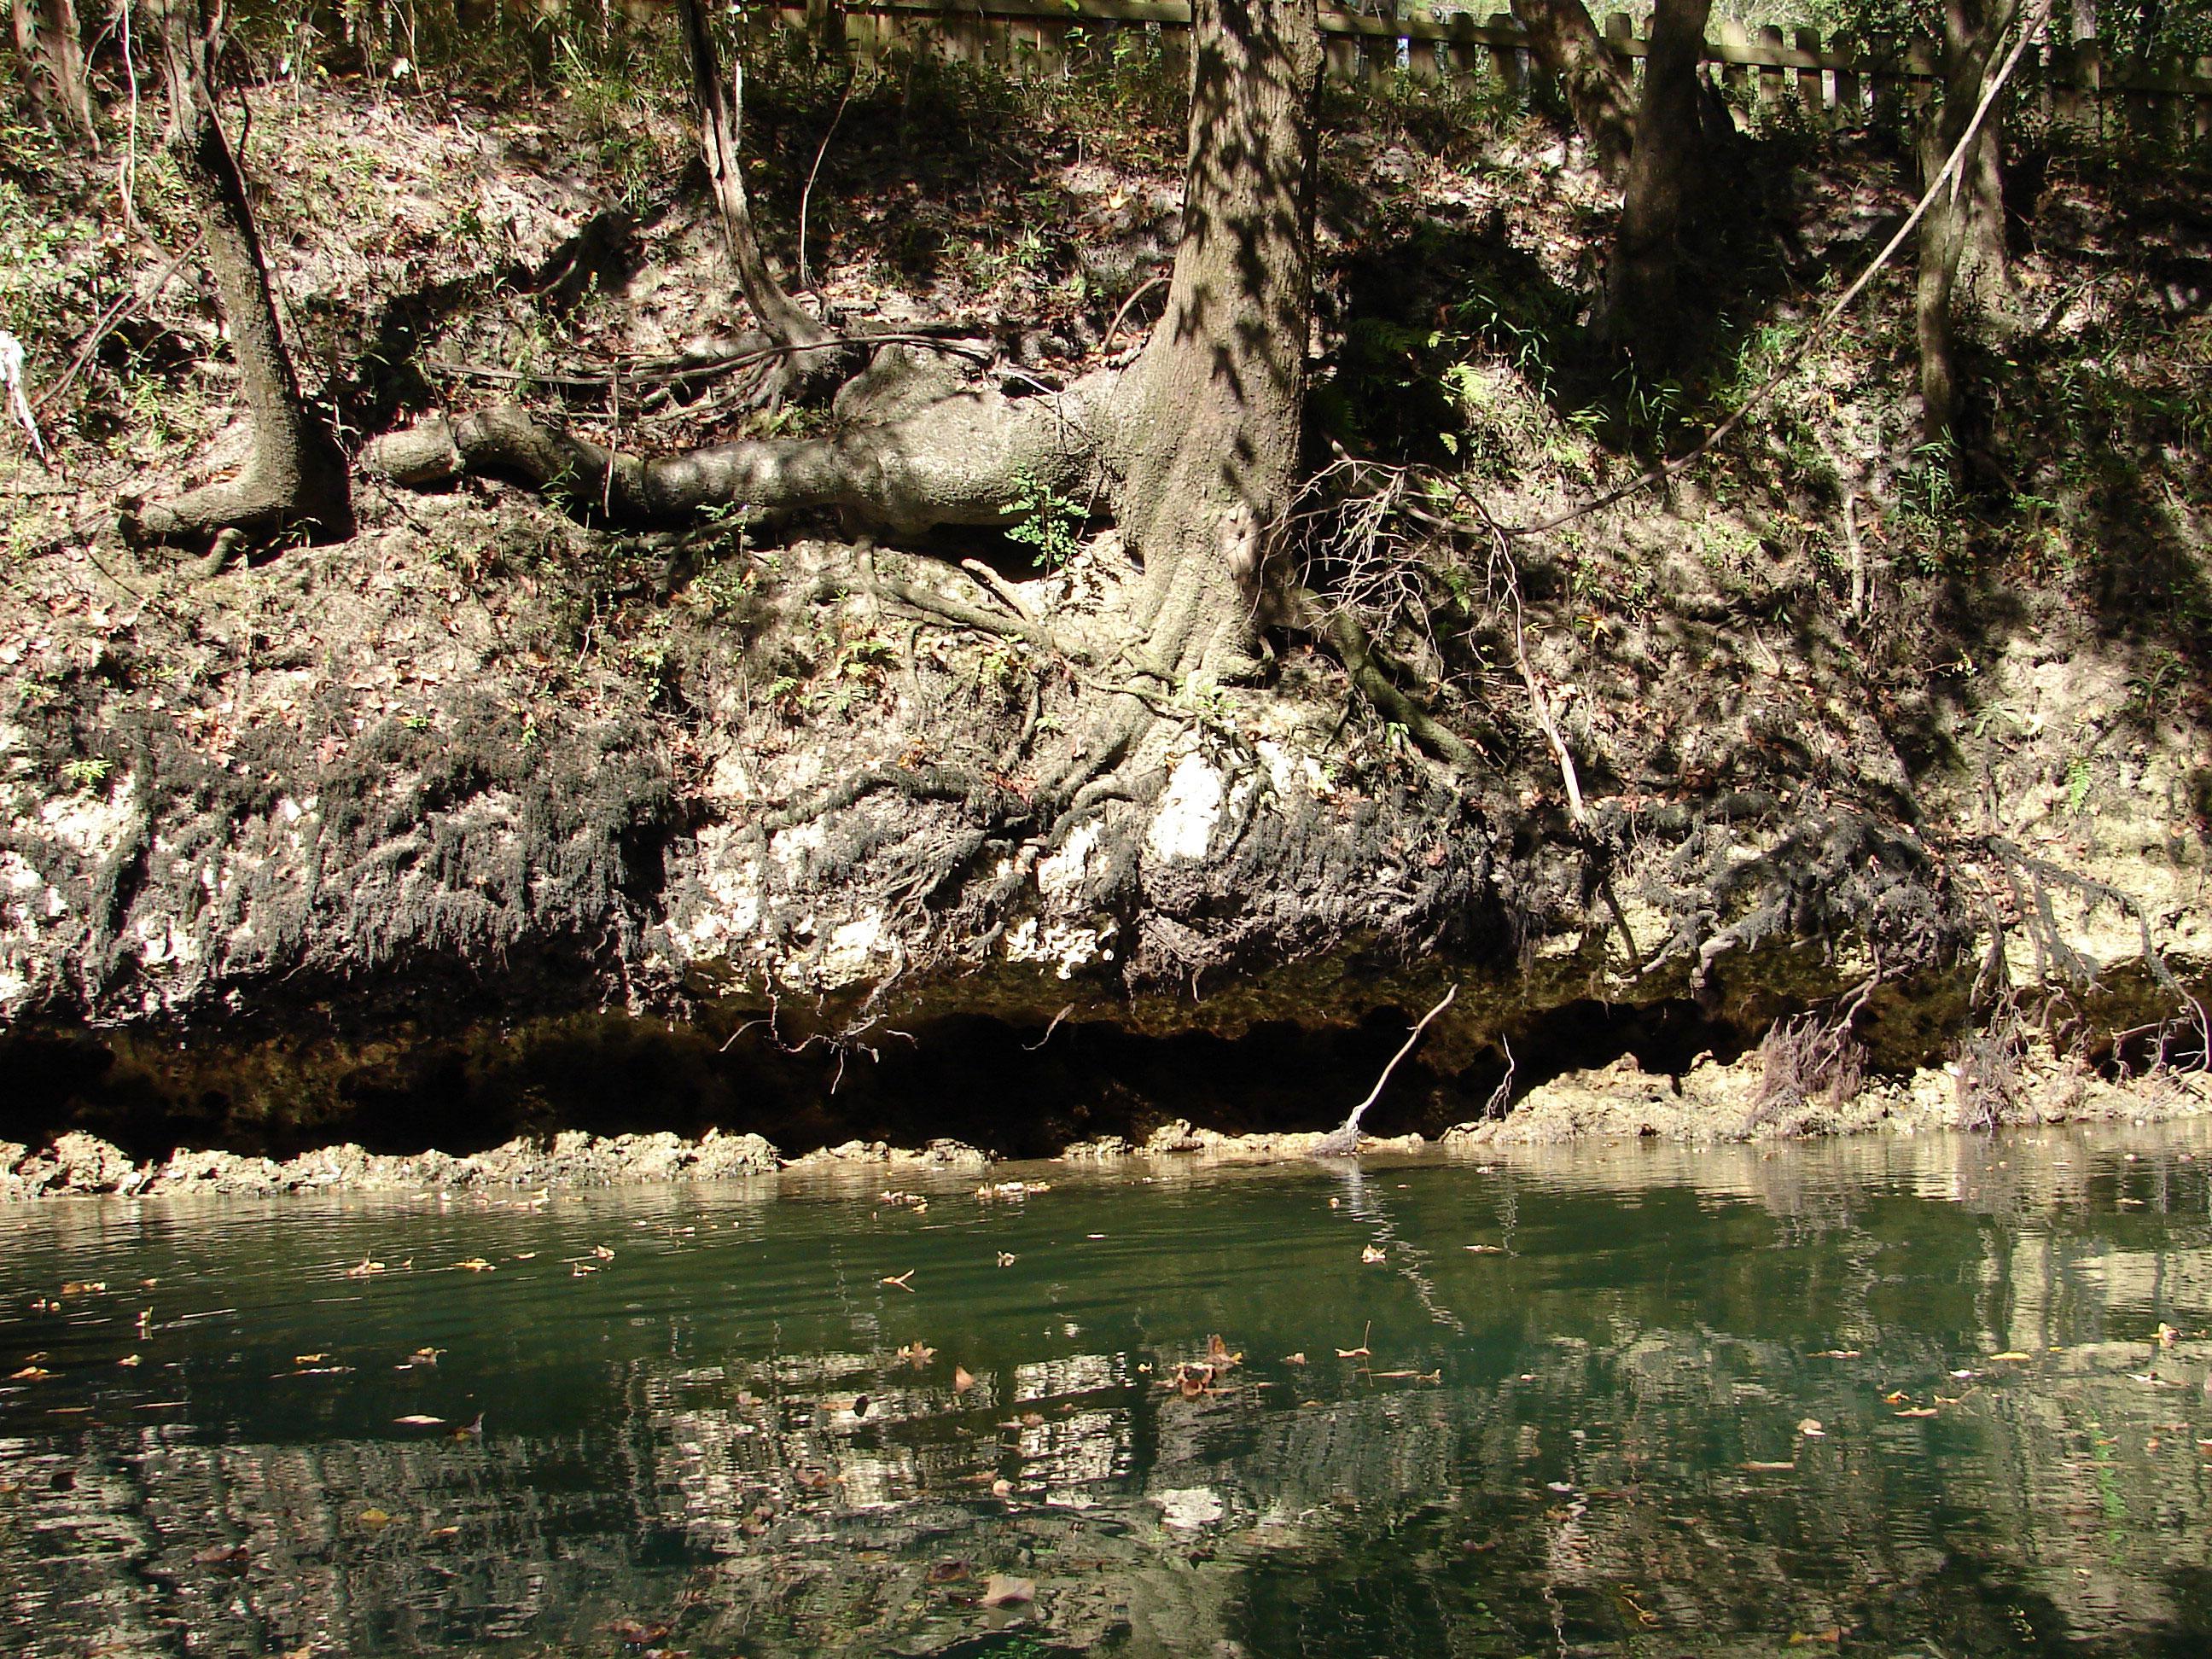 caves-stock-photos-florida-panhandle-chipola-river-linda-bateman